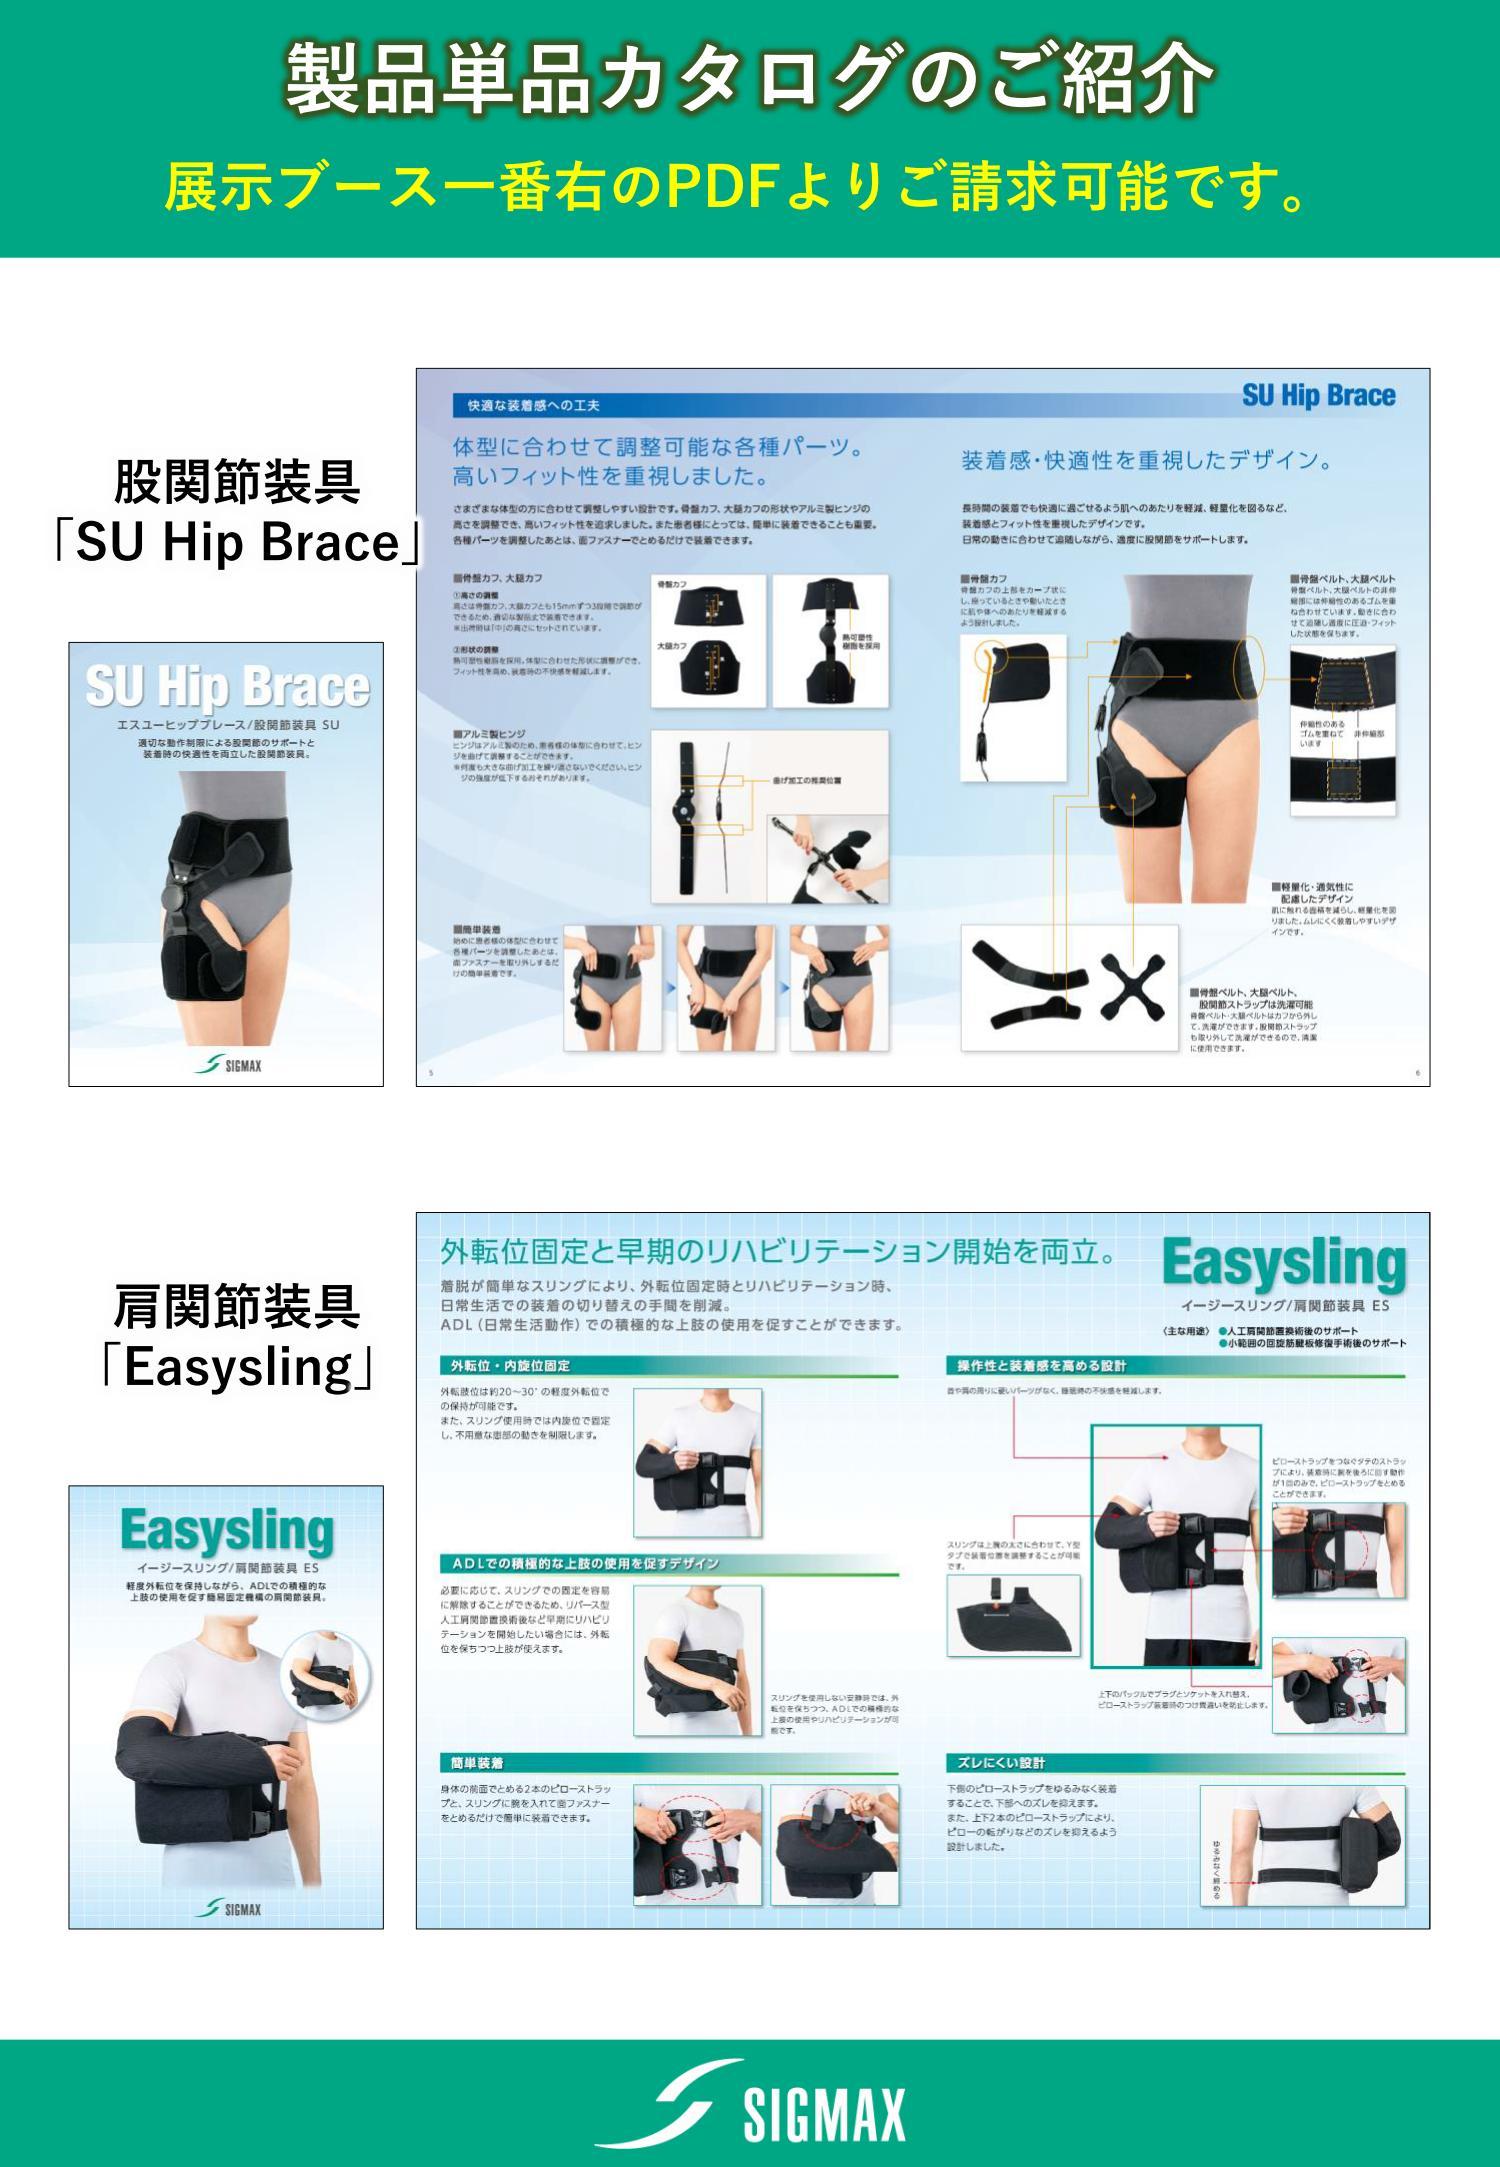 股・肩関節装具に関する製品単品カタログのご紹介です。